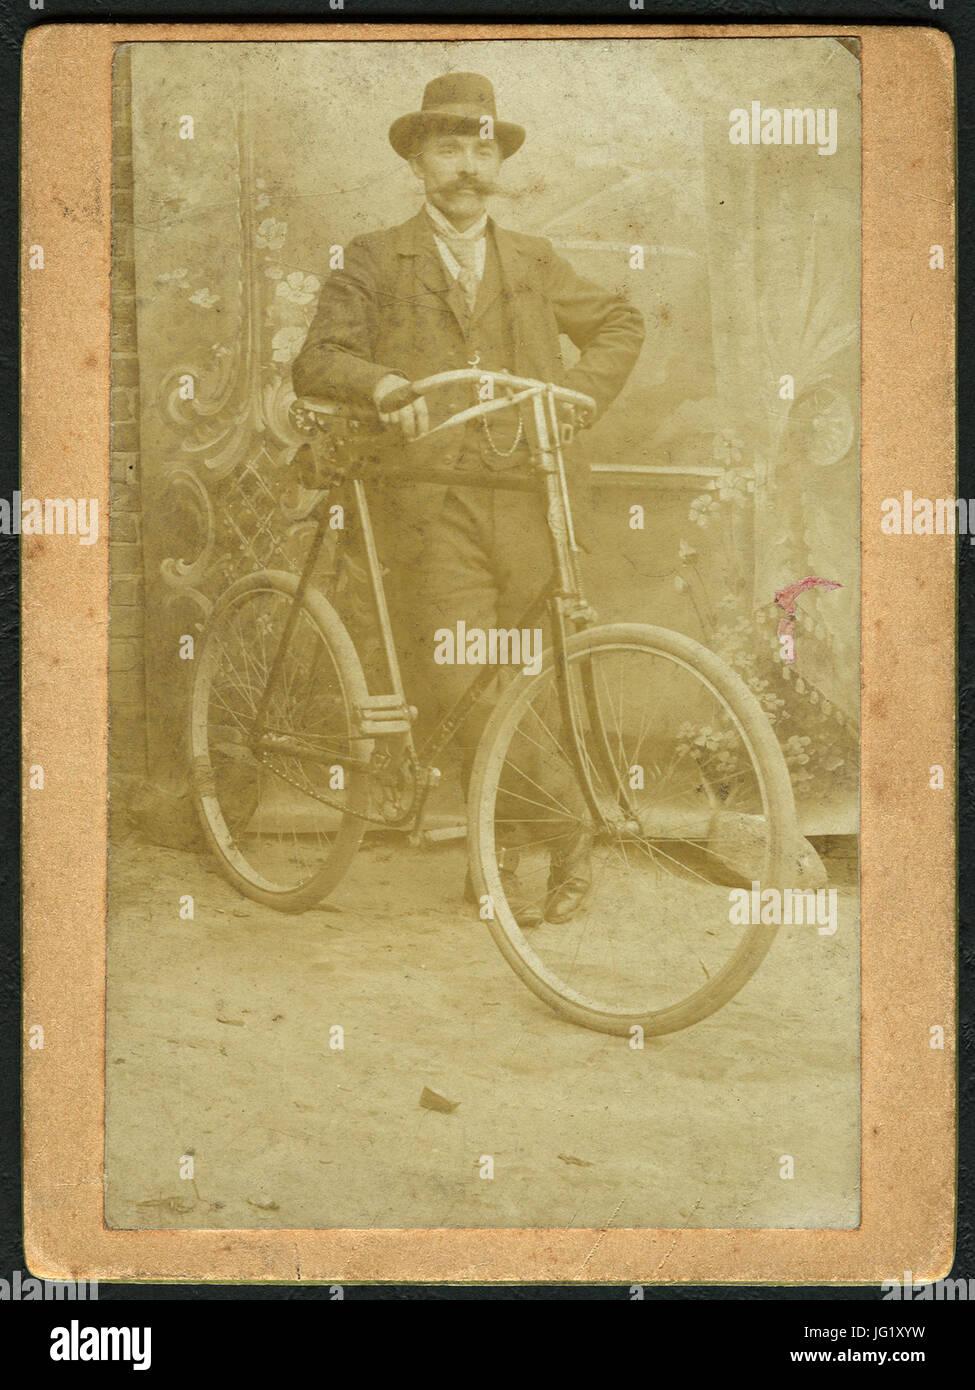 Maler Celle der maler wilhelm mohrbotter mit fahrrad im hof in celle vor